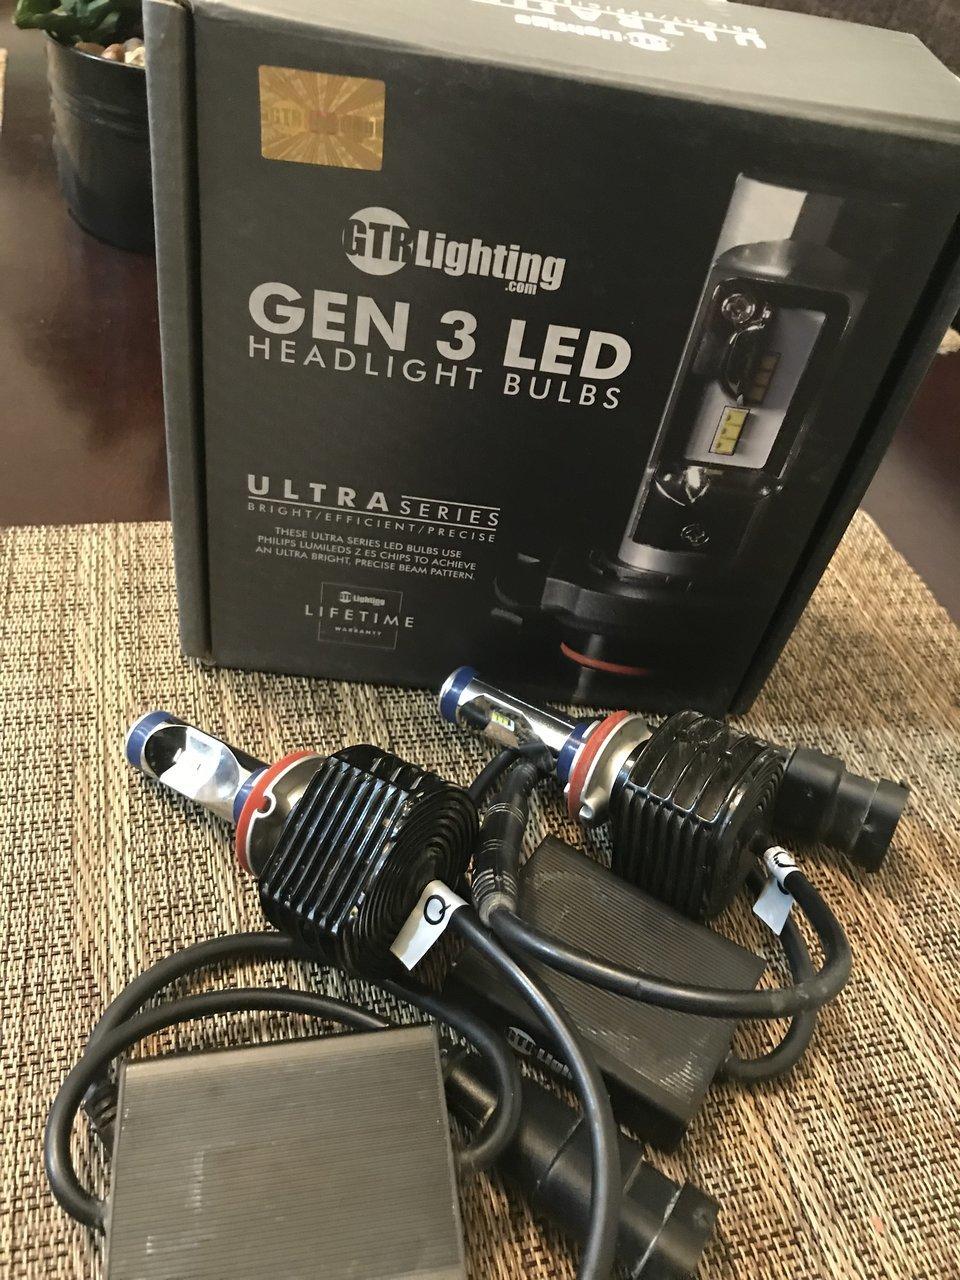 gtr lighting gen 3 led headlight buld